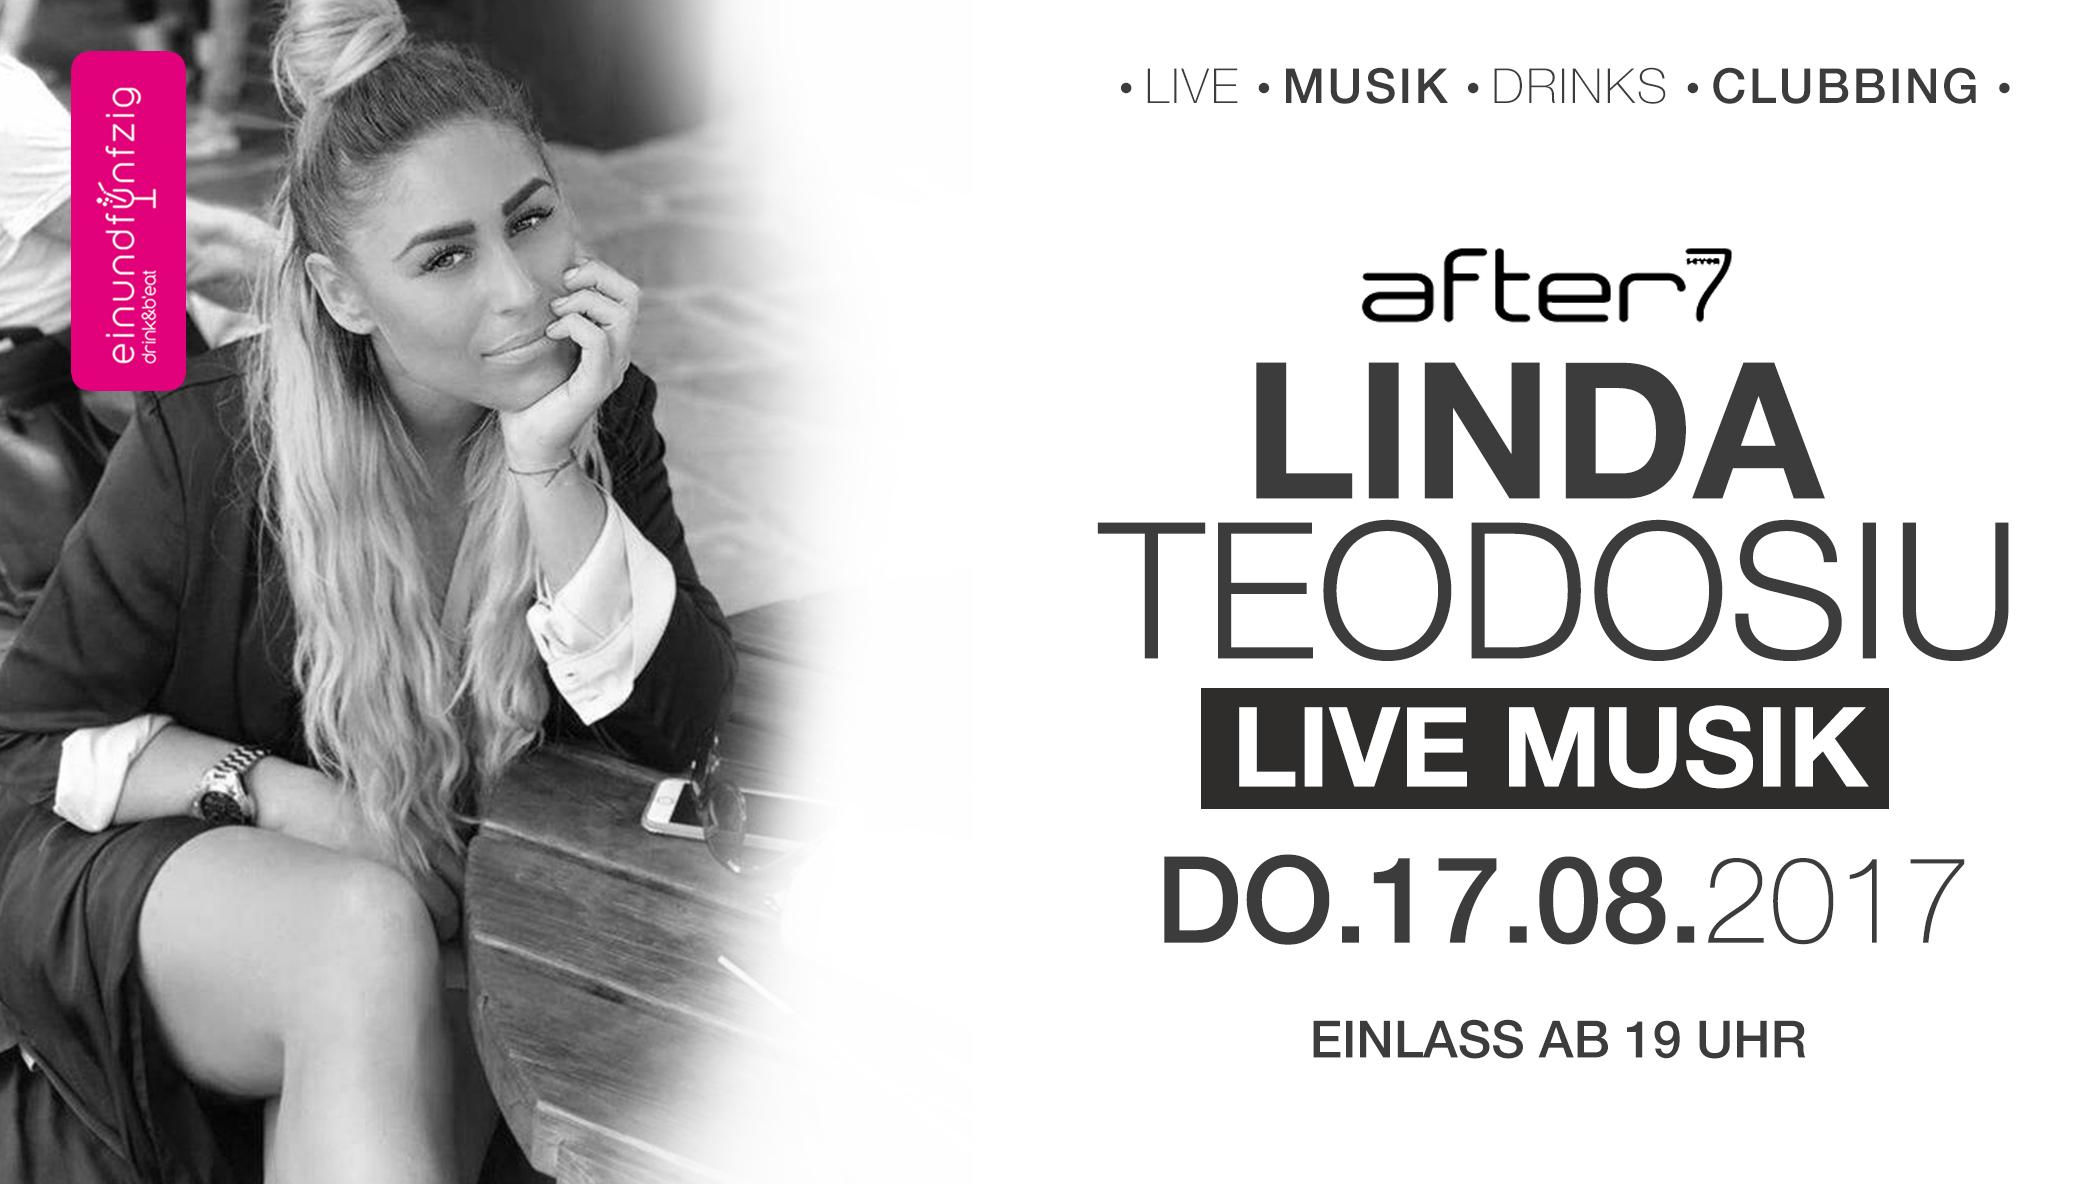 17.08.2017 – Linda Teodosiu live @after7